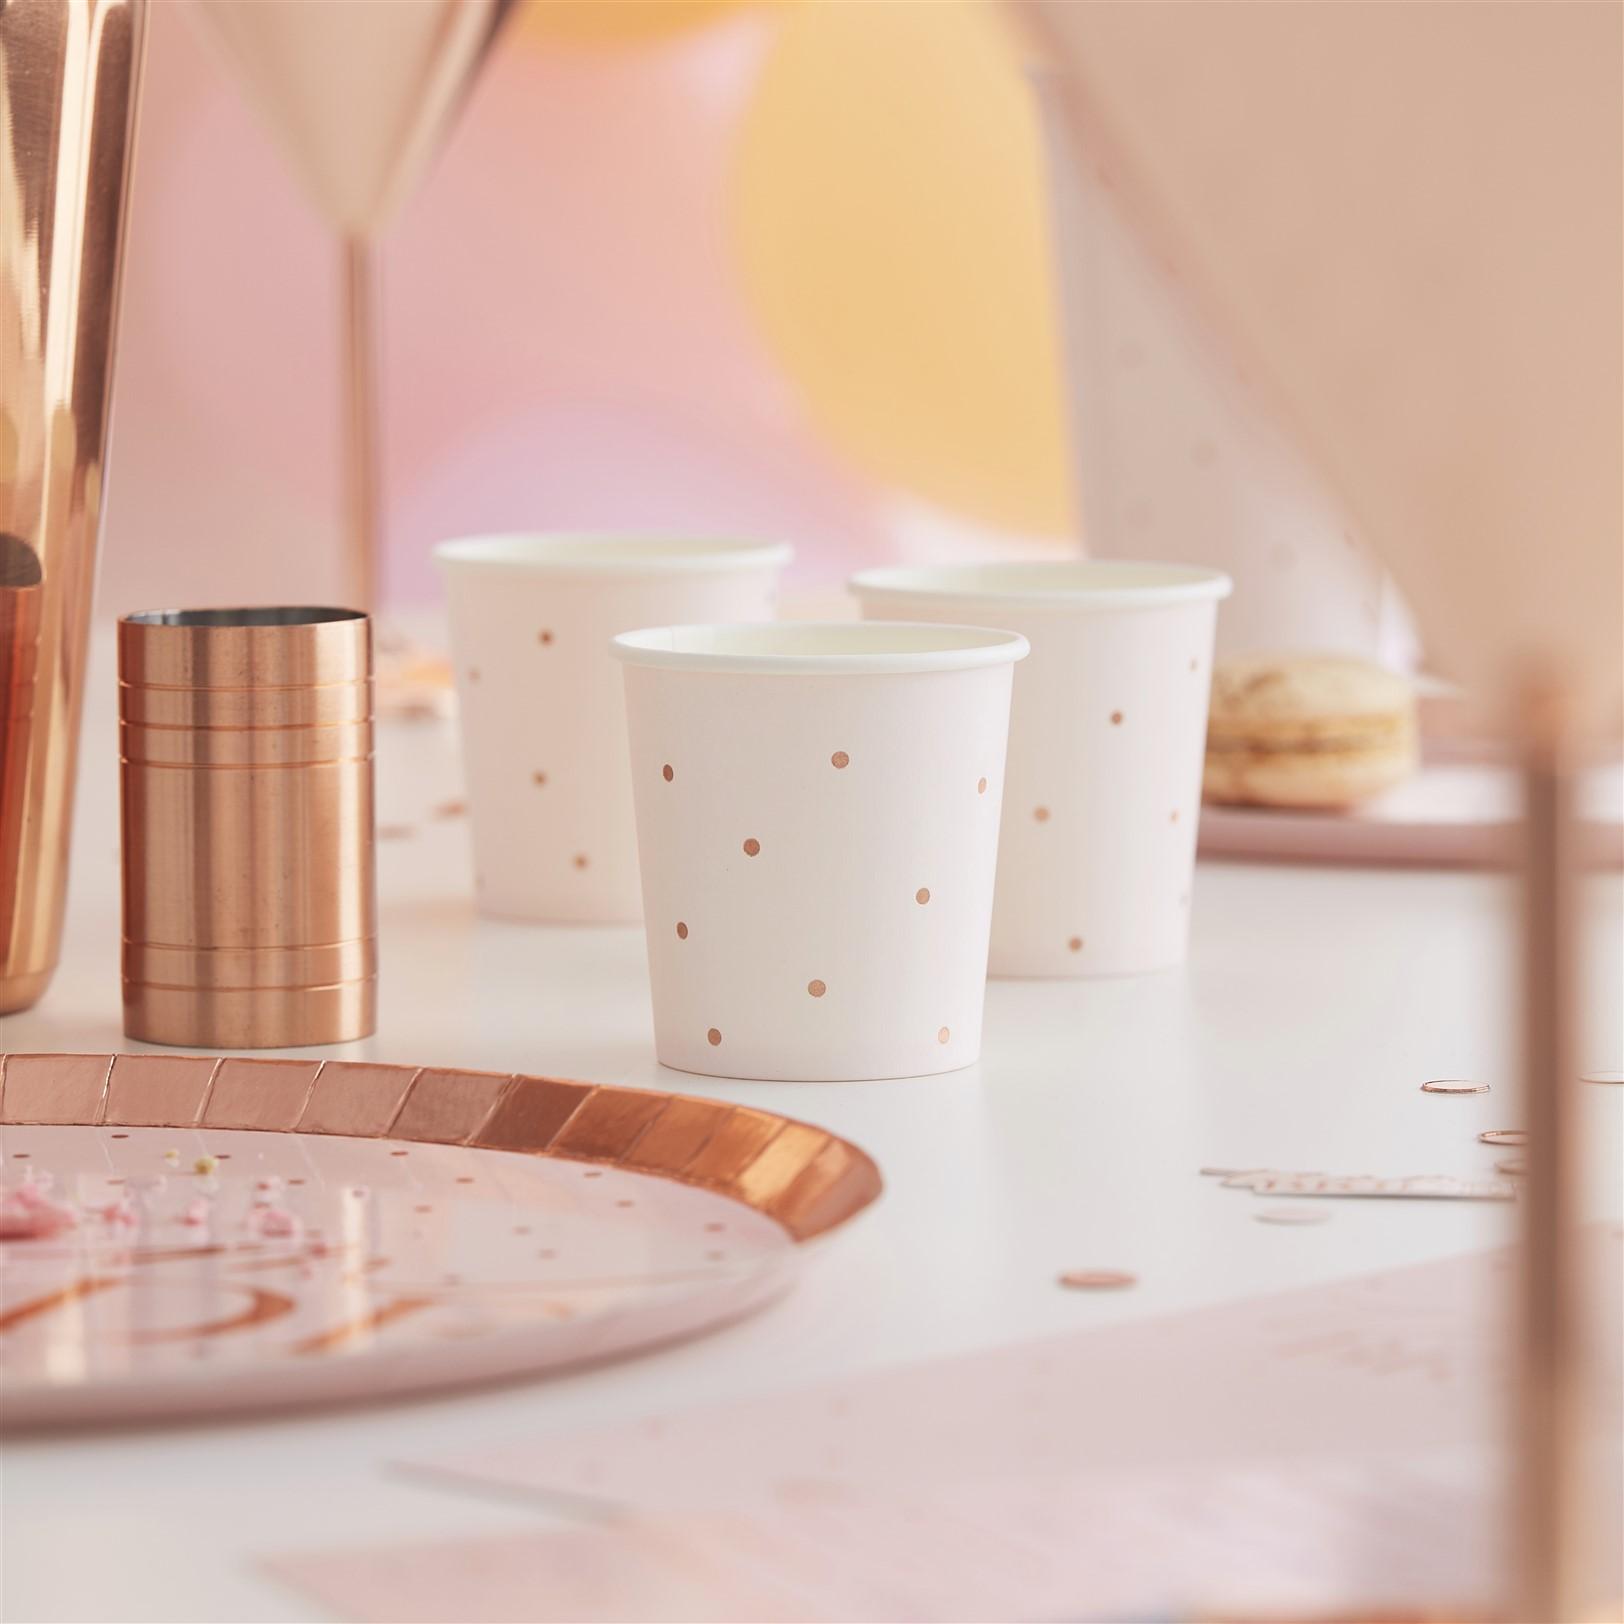 Χάρτινα Ποτήρια για Σφηνάκια Ροζ με Ροζ Χρυσά Πουά 118ml – 10 Τεμάχια